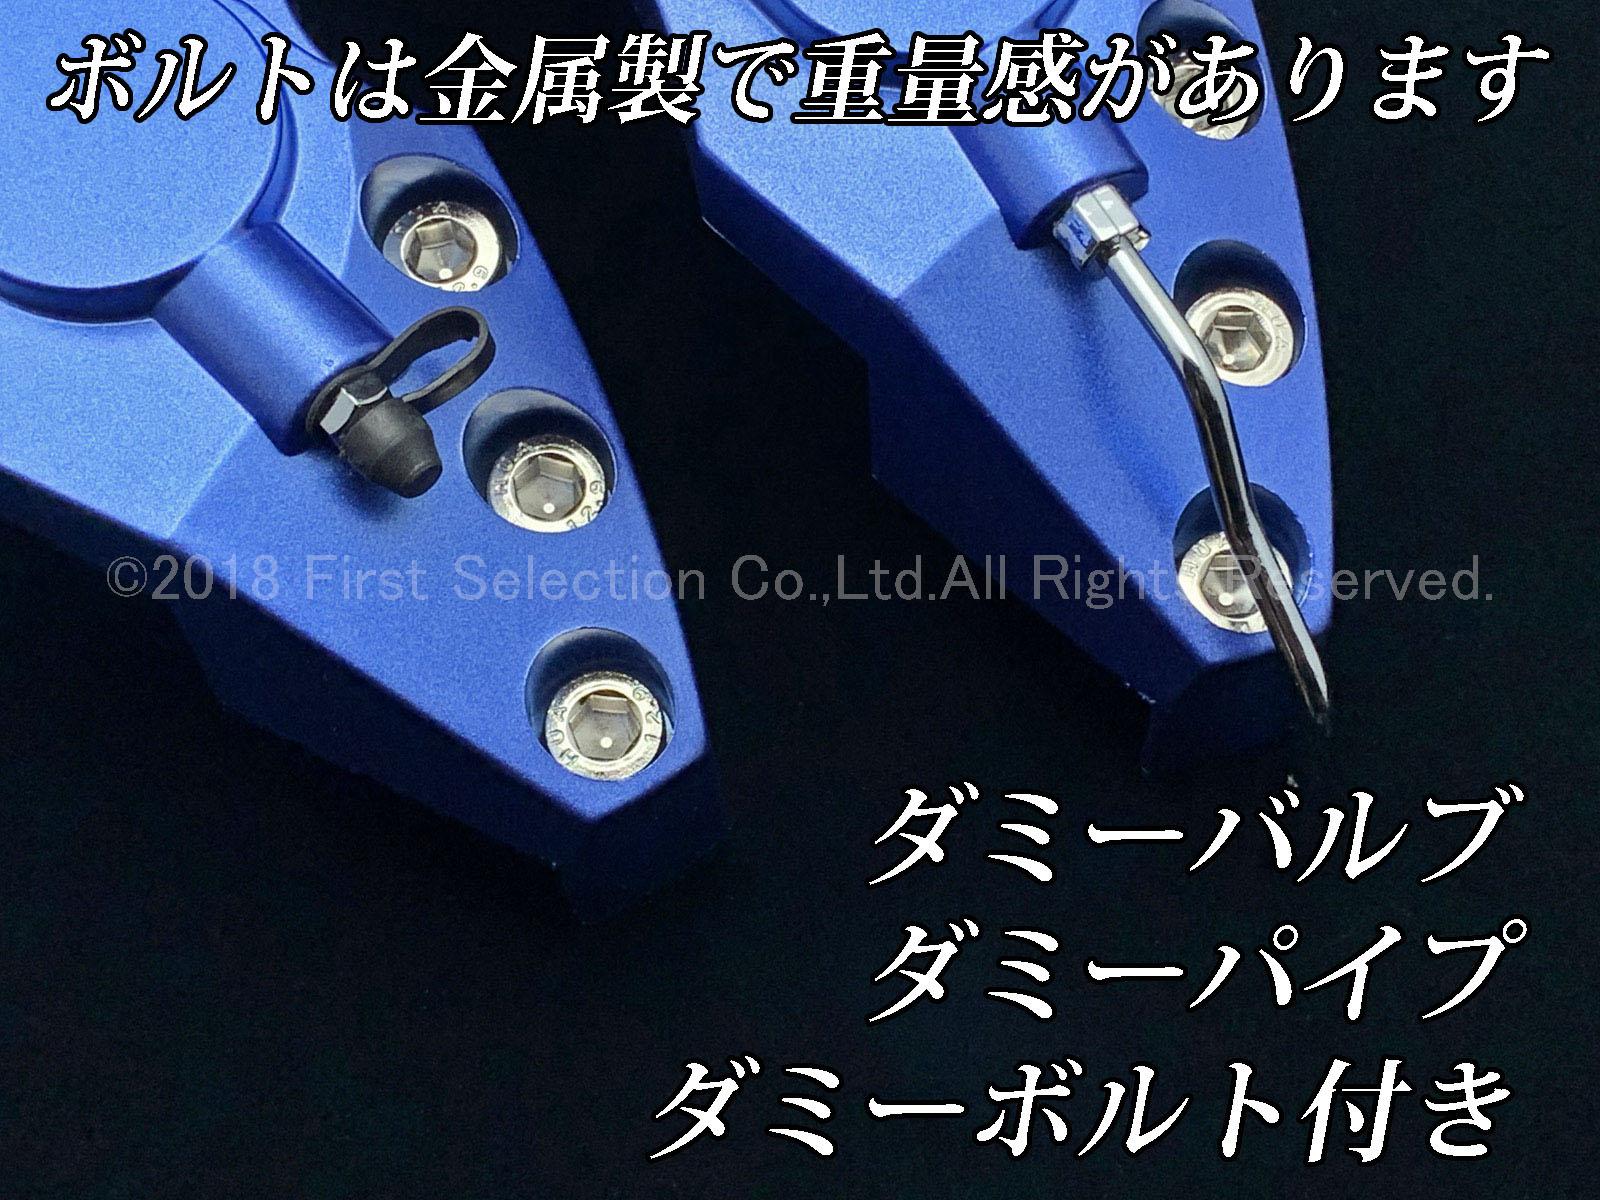 BMW車 ///M Powerカラー 汎用高品質キャリパーカバーL/Mサイズセット M青 メタリックブルー